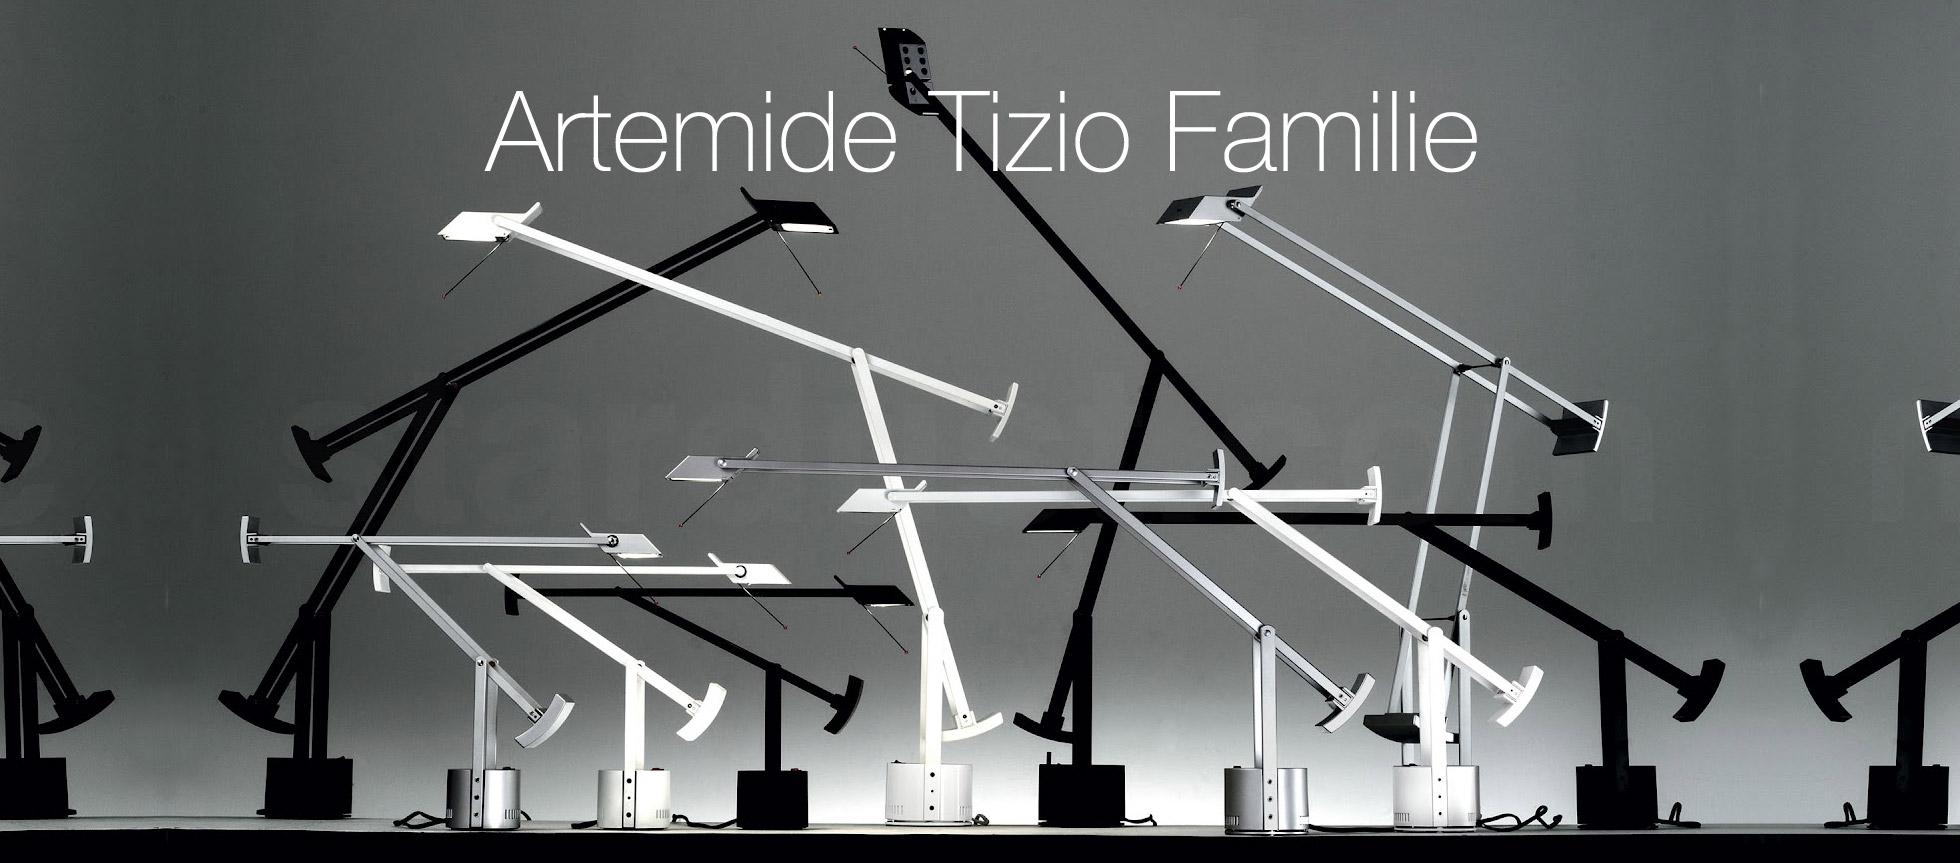 artemide tizio plus und viele weitere tizio leuchten. Black Bedroom Furniture Sets. Home Design Ideas